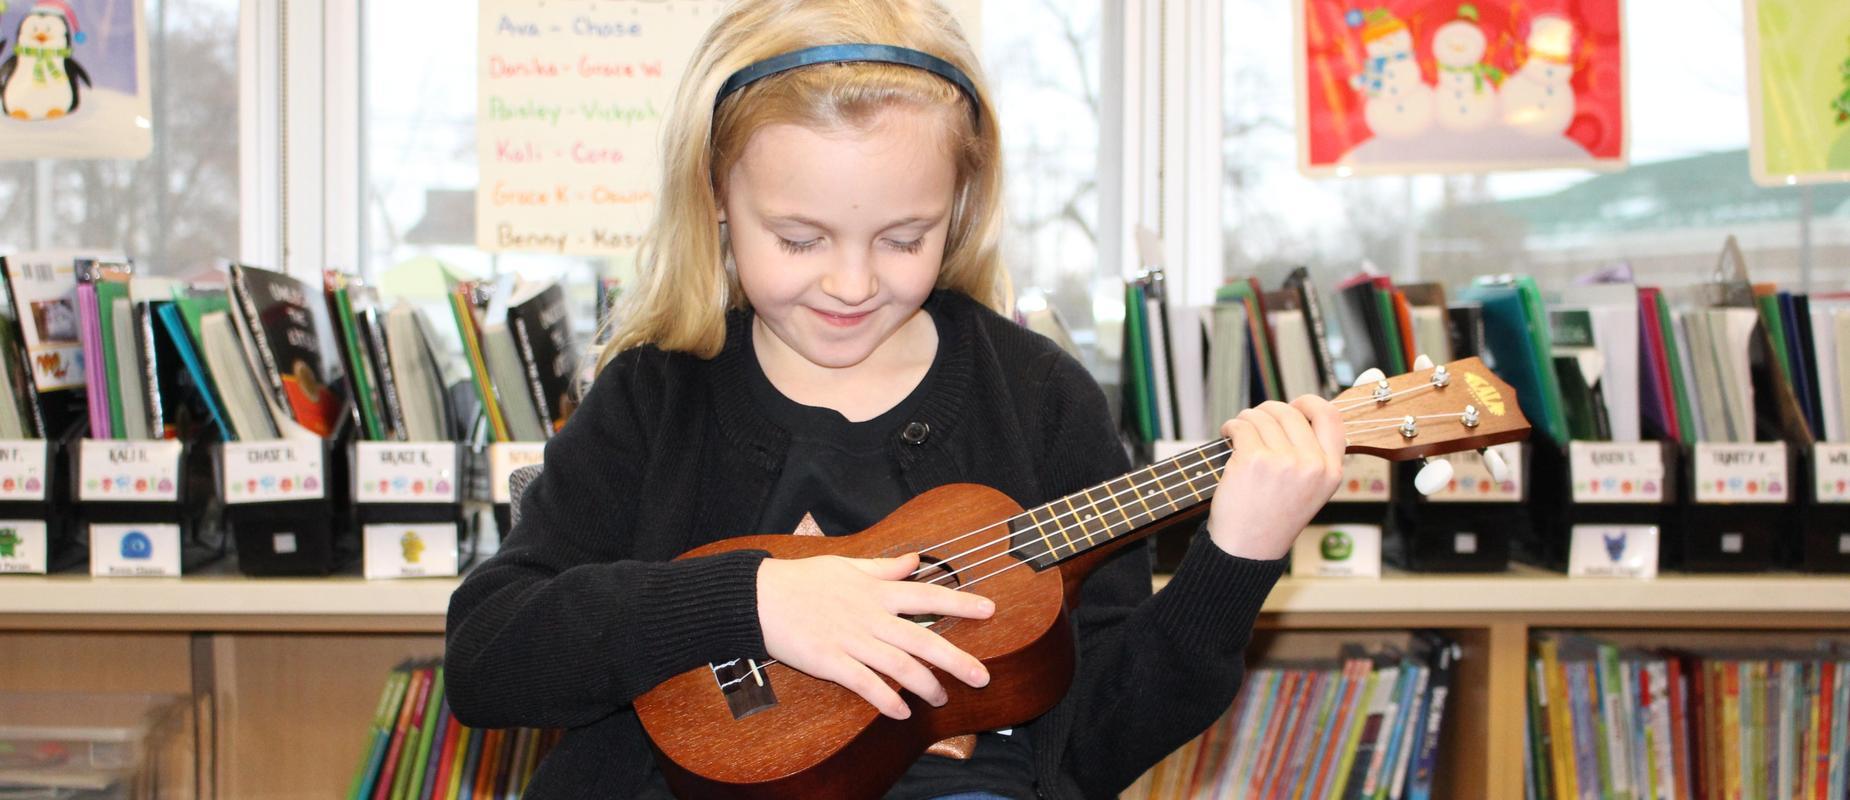 girl playing ukulele in classroom